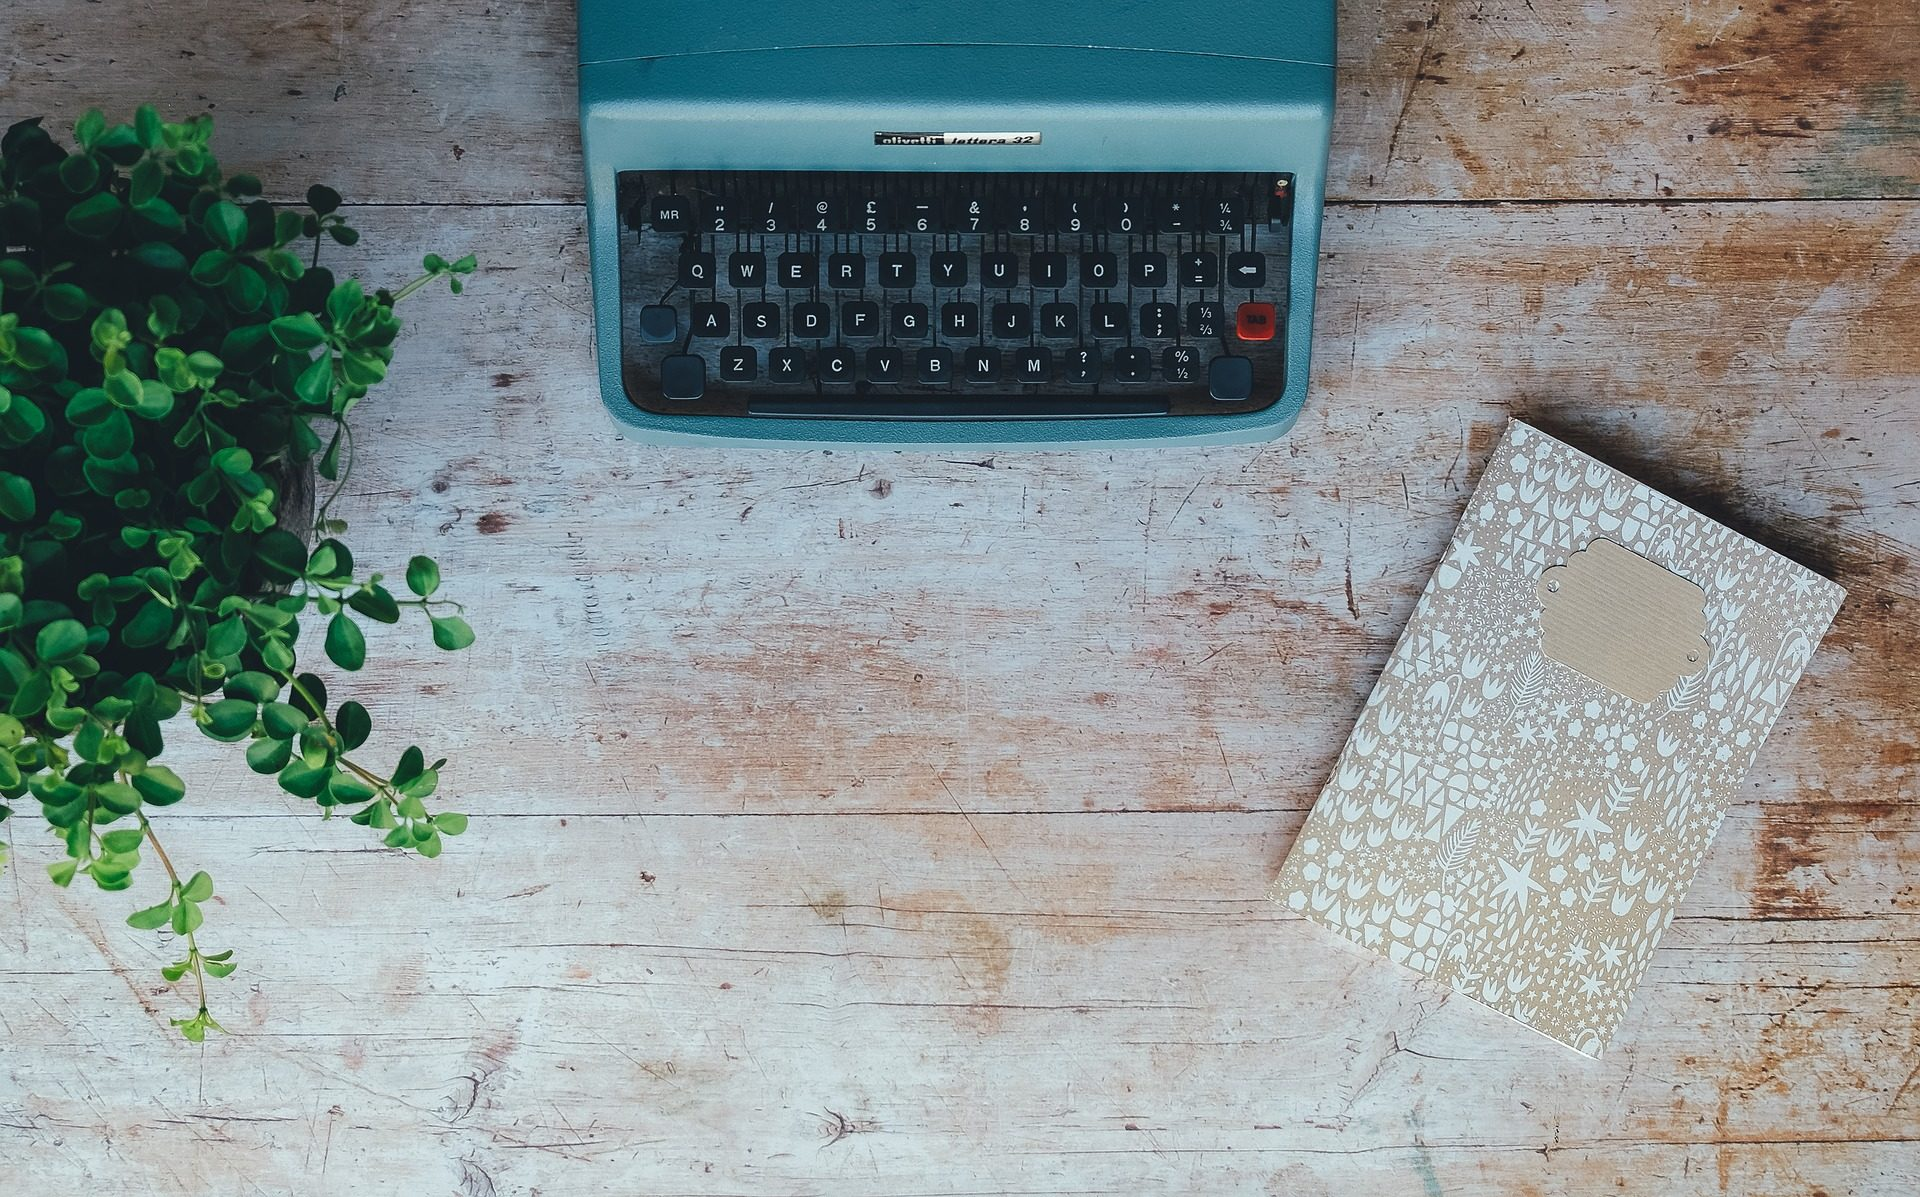 машина, Написать, Блокнот, Первый этаж, Рабочий стол, Вуд, Винтаж - Обои HD - Профессор falken.com